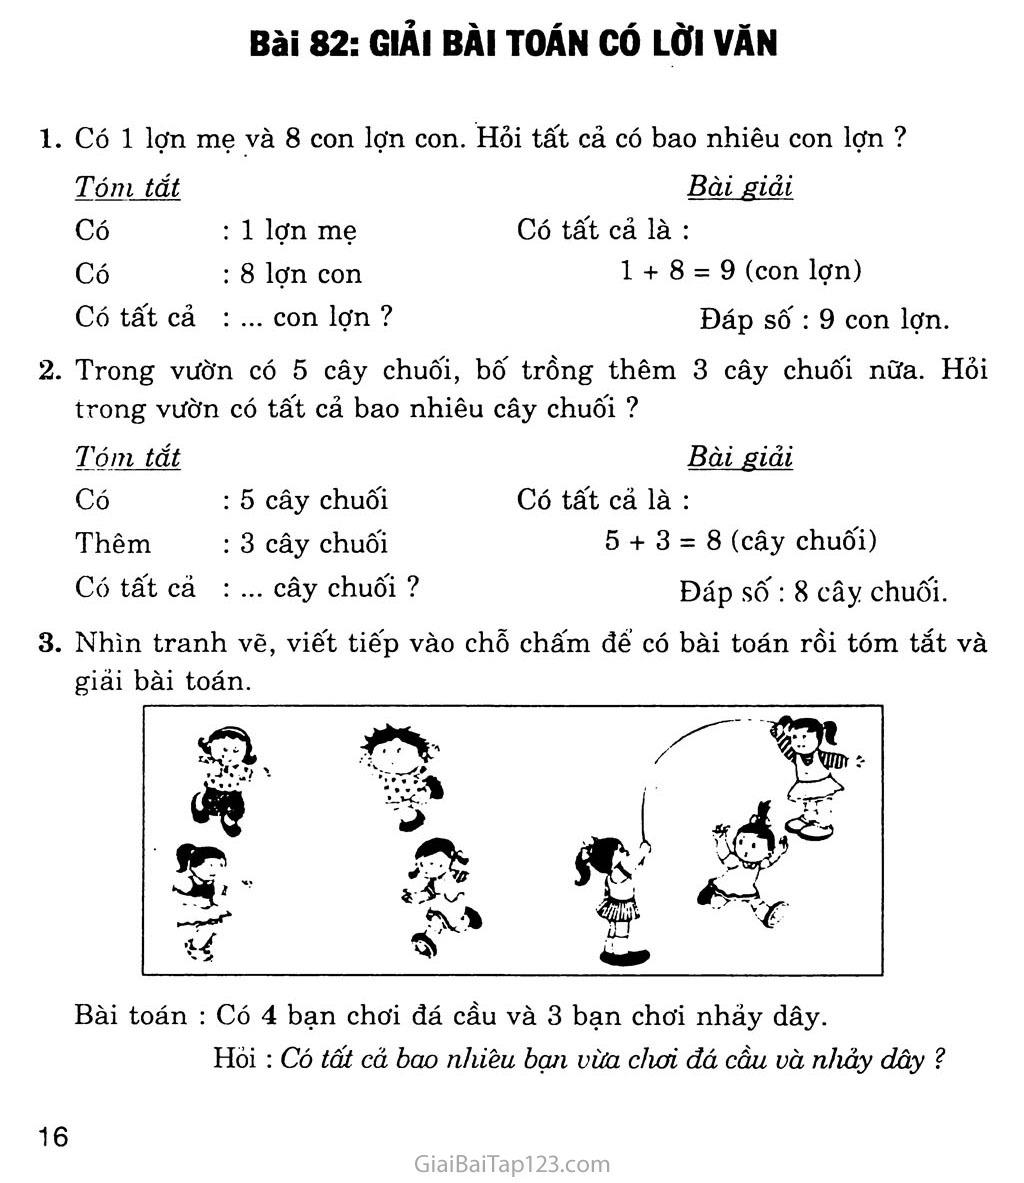 Bài 82: Giải bài toán có lời văn trang 1